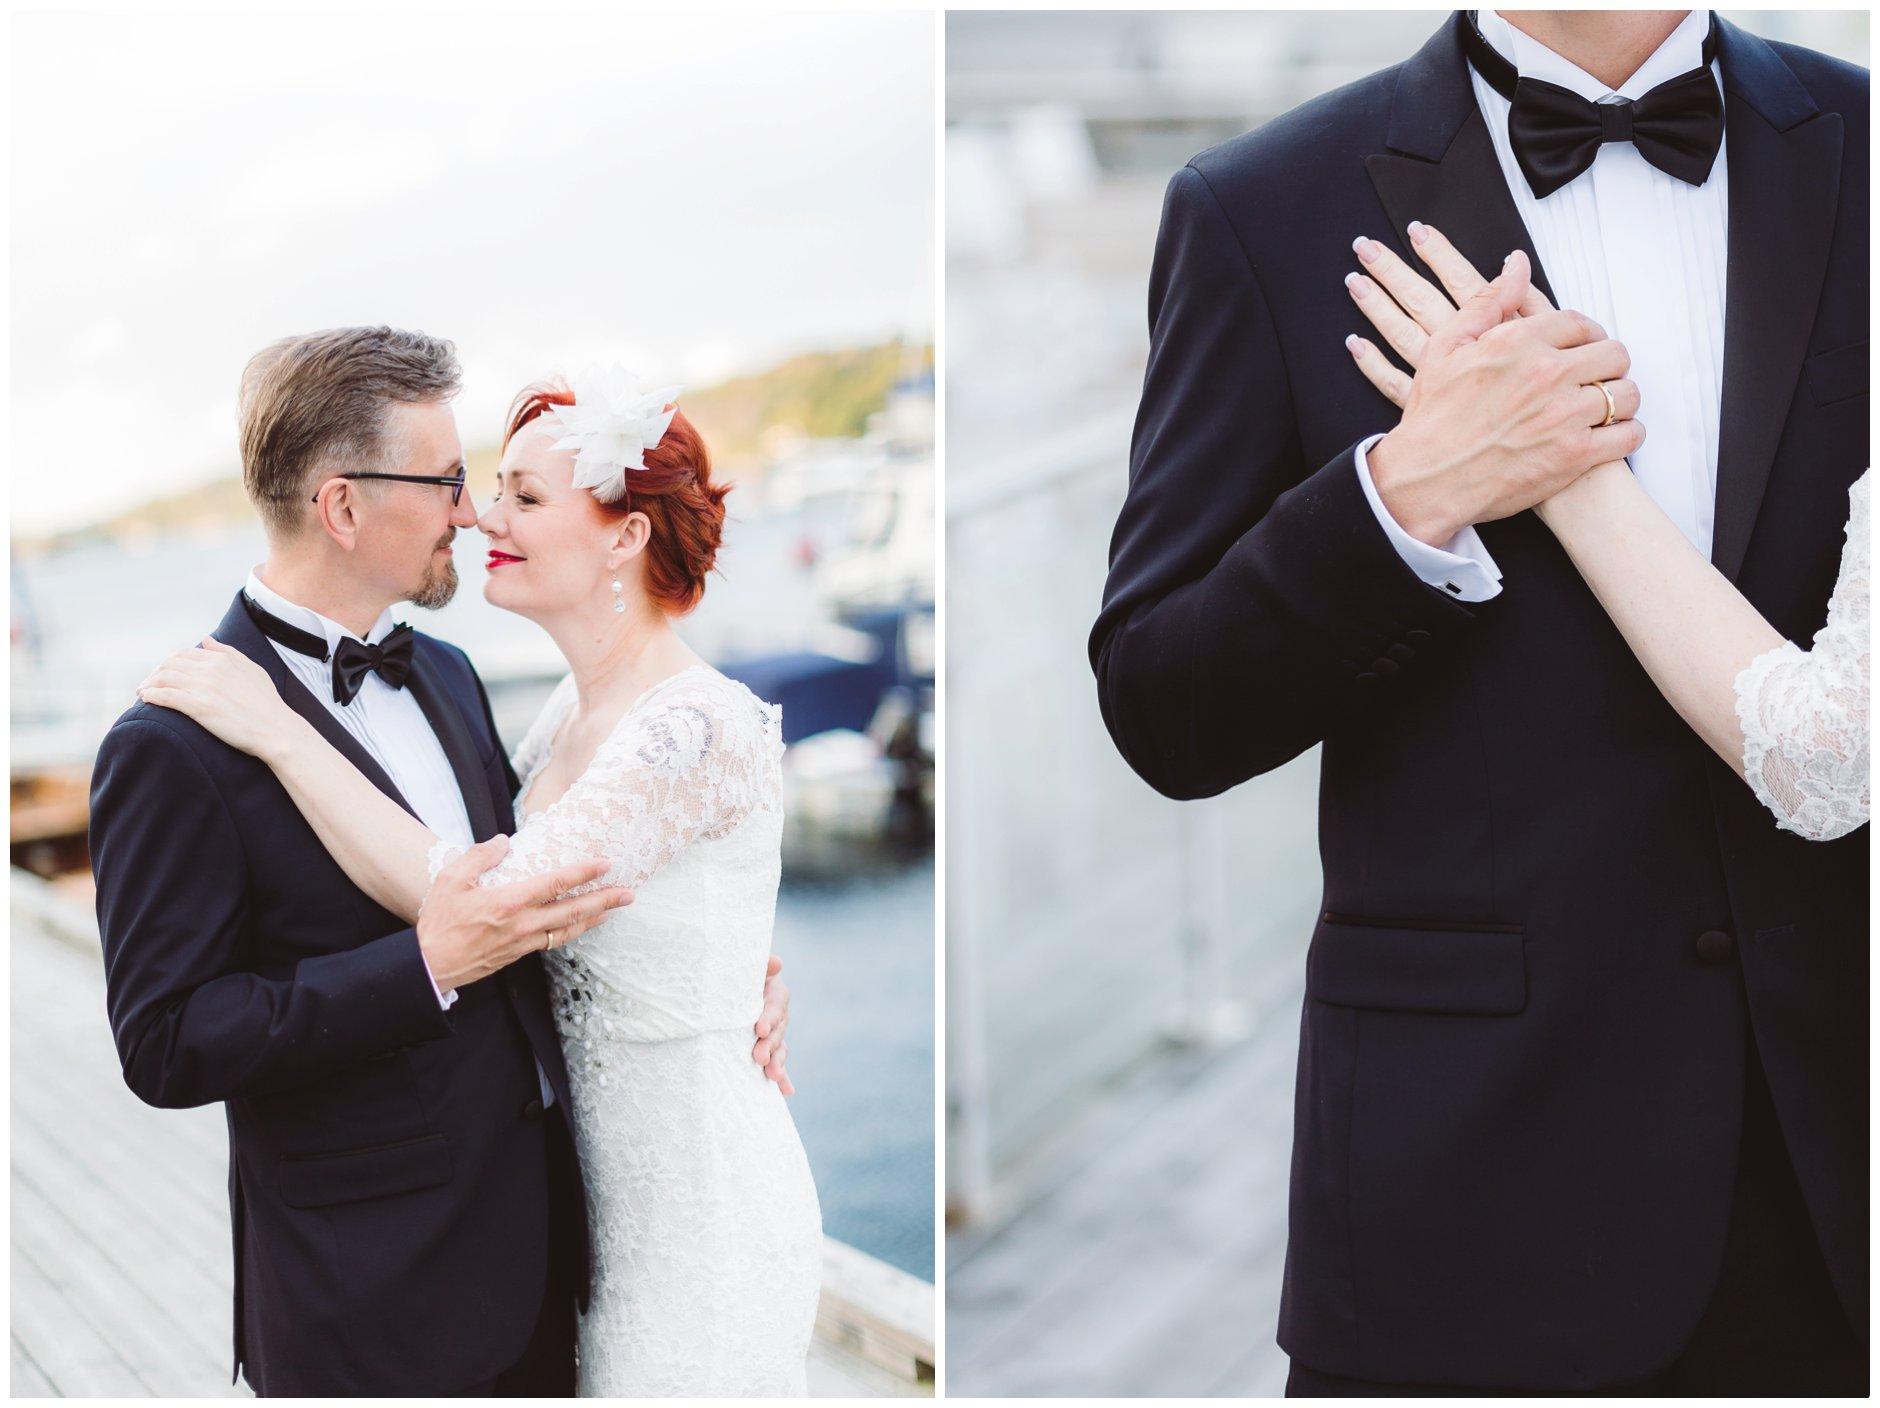 Fotograf-Eline-Jacobine-Bryllup-Tjøme-Scandic-Havna-Trine-og-Halvor_0155